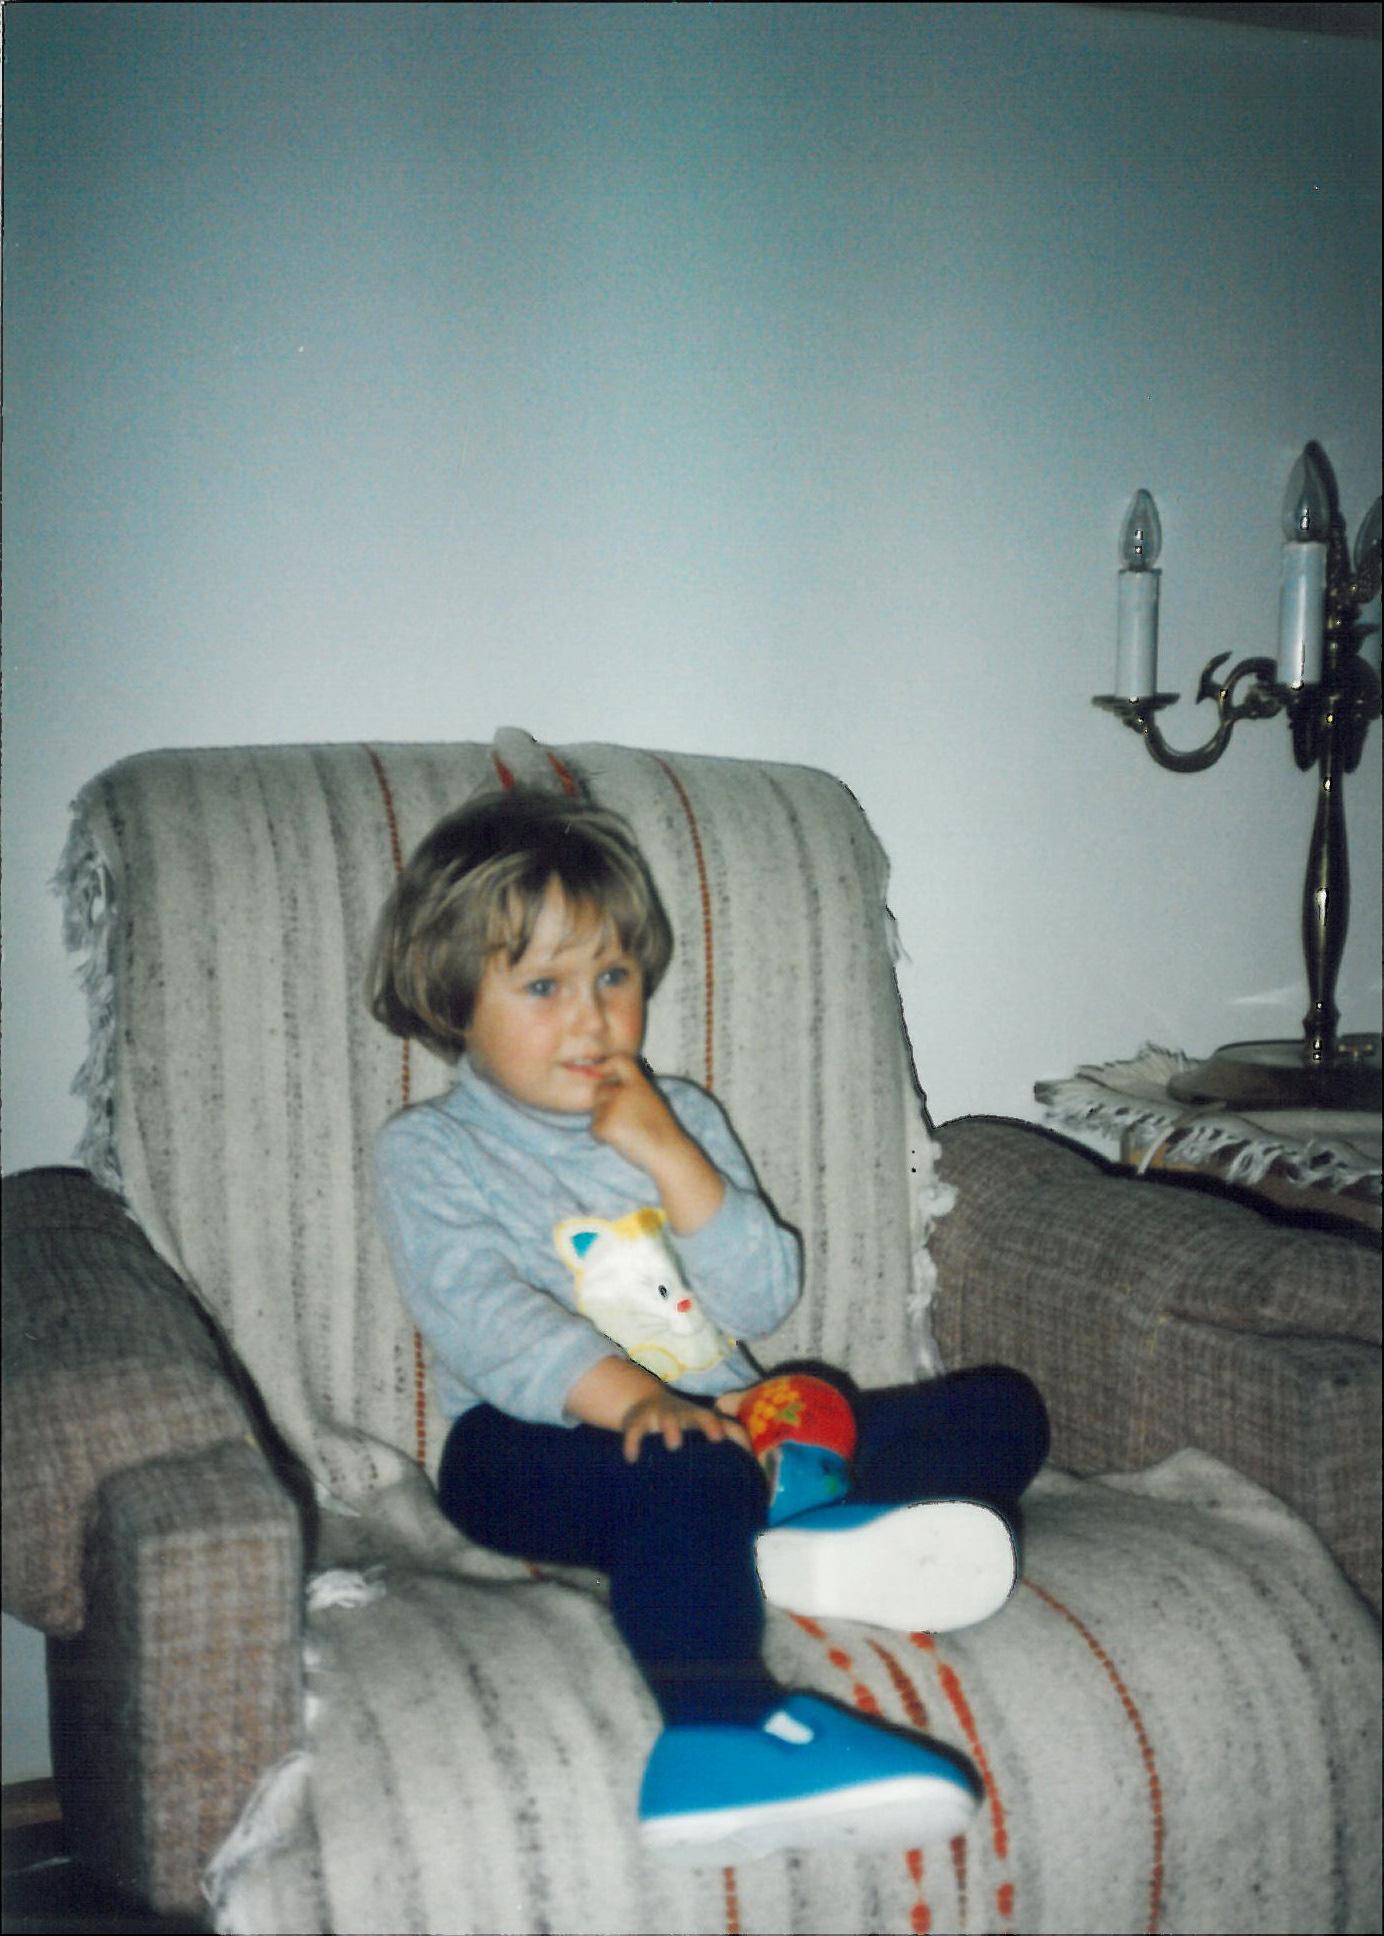 Moment, w którym oglądamy sławetny Telexpress, 1993